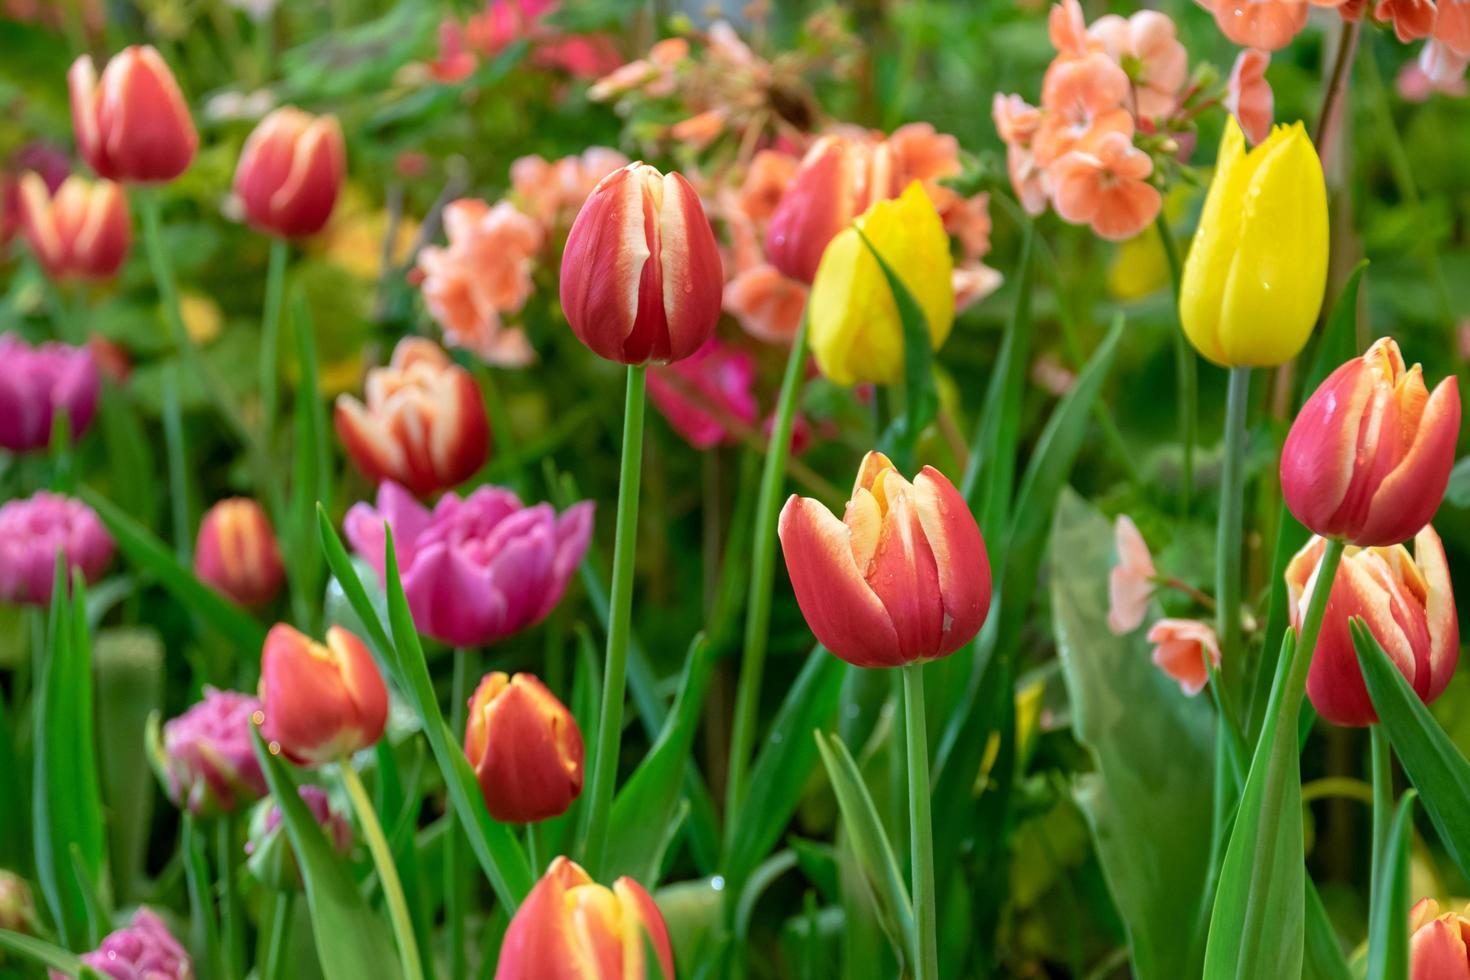 schöne Tulpen in einem Garten foto